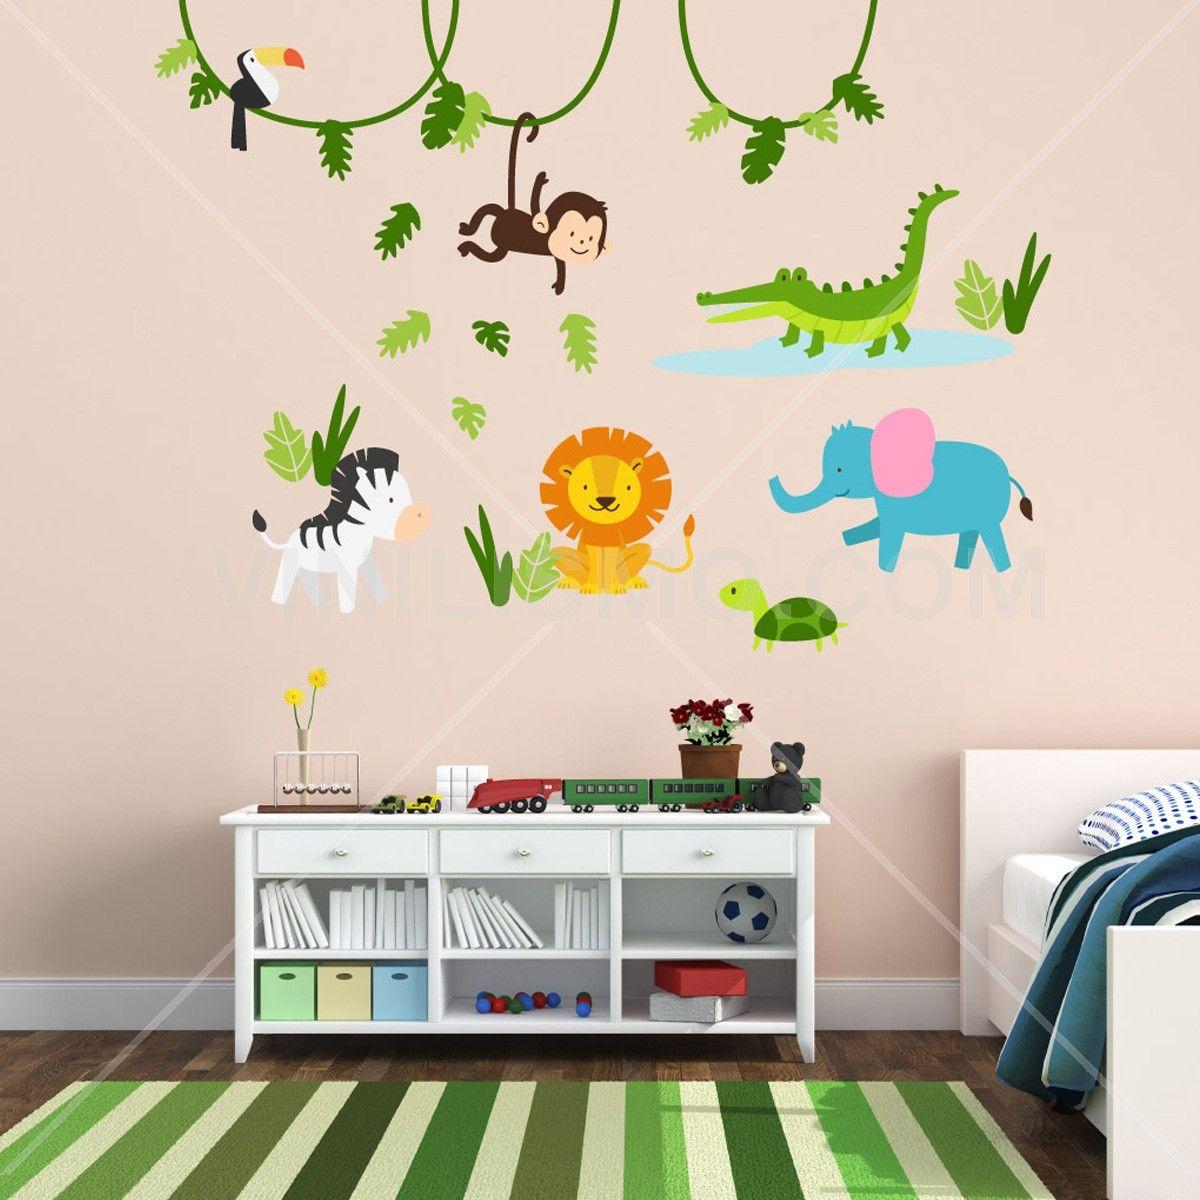 Vinilo decorativo la selva cuarto para el principe for Decoracion para bebe nina